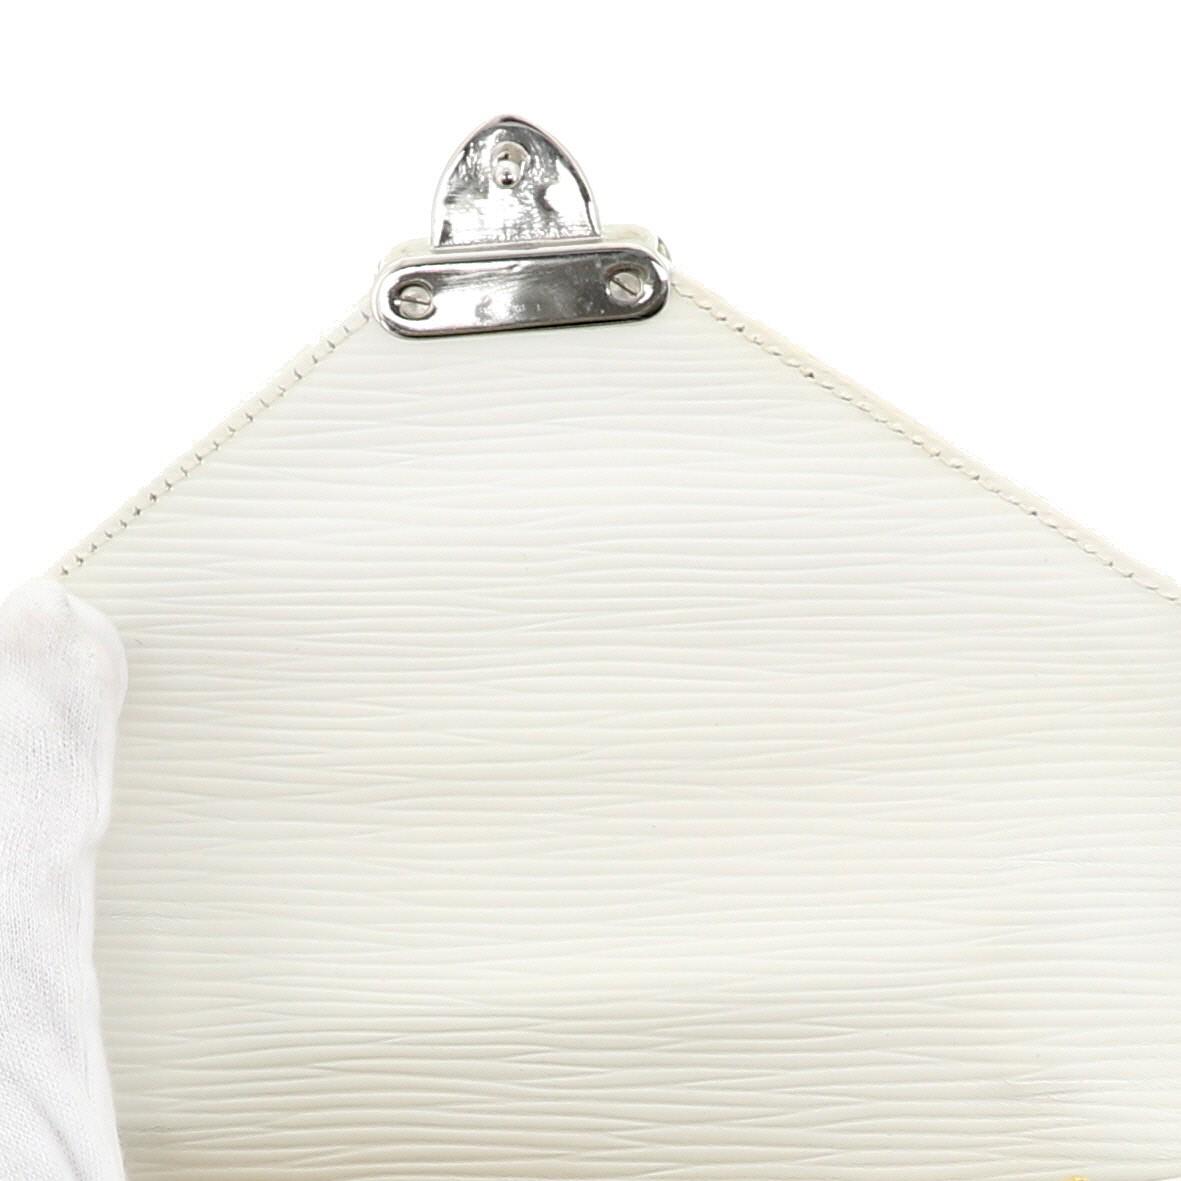 【中古】フェンディ 2WAY エピレザー ショルダーバッグ ホワイト  ショルダー/メッセンジャーバッグ FENDI 2WAY Epi Leather Shoulder Bag White